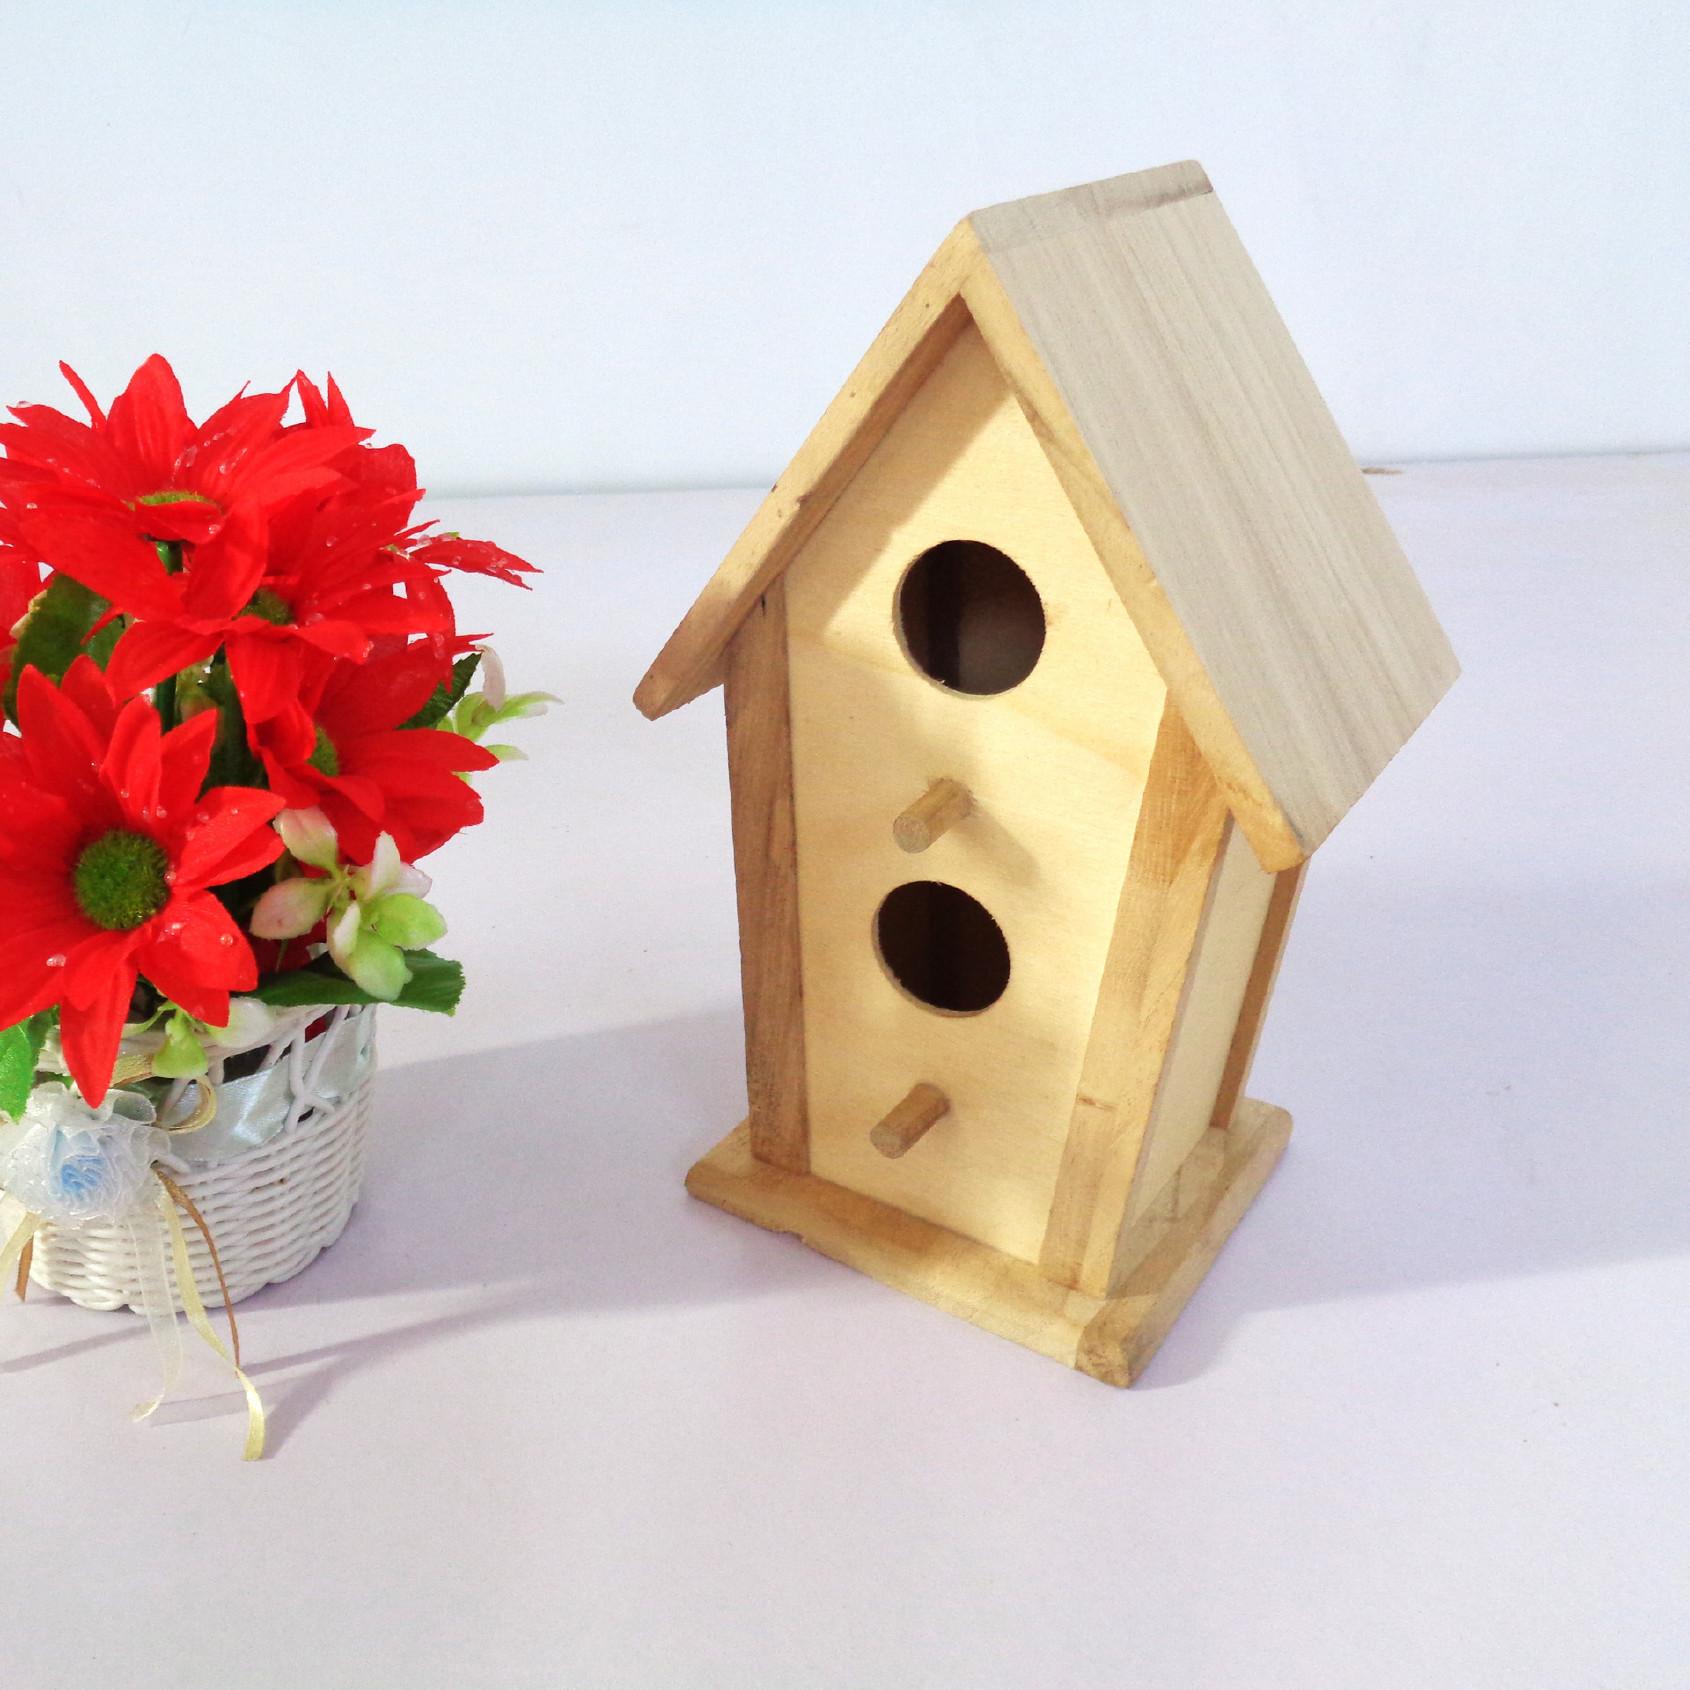 松木材质可选花园阳台装饰手工工艺鸟房 木质鸟窝厂家批发